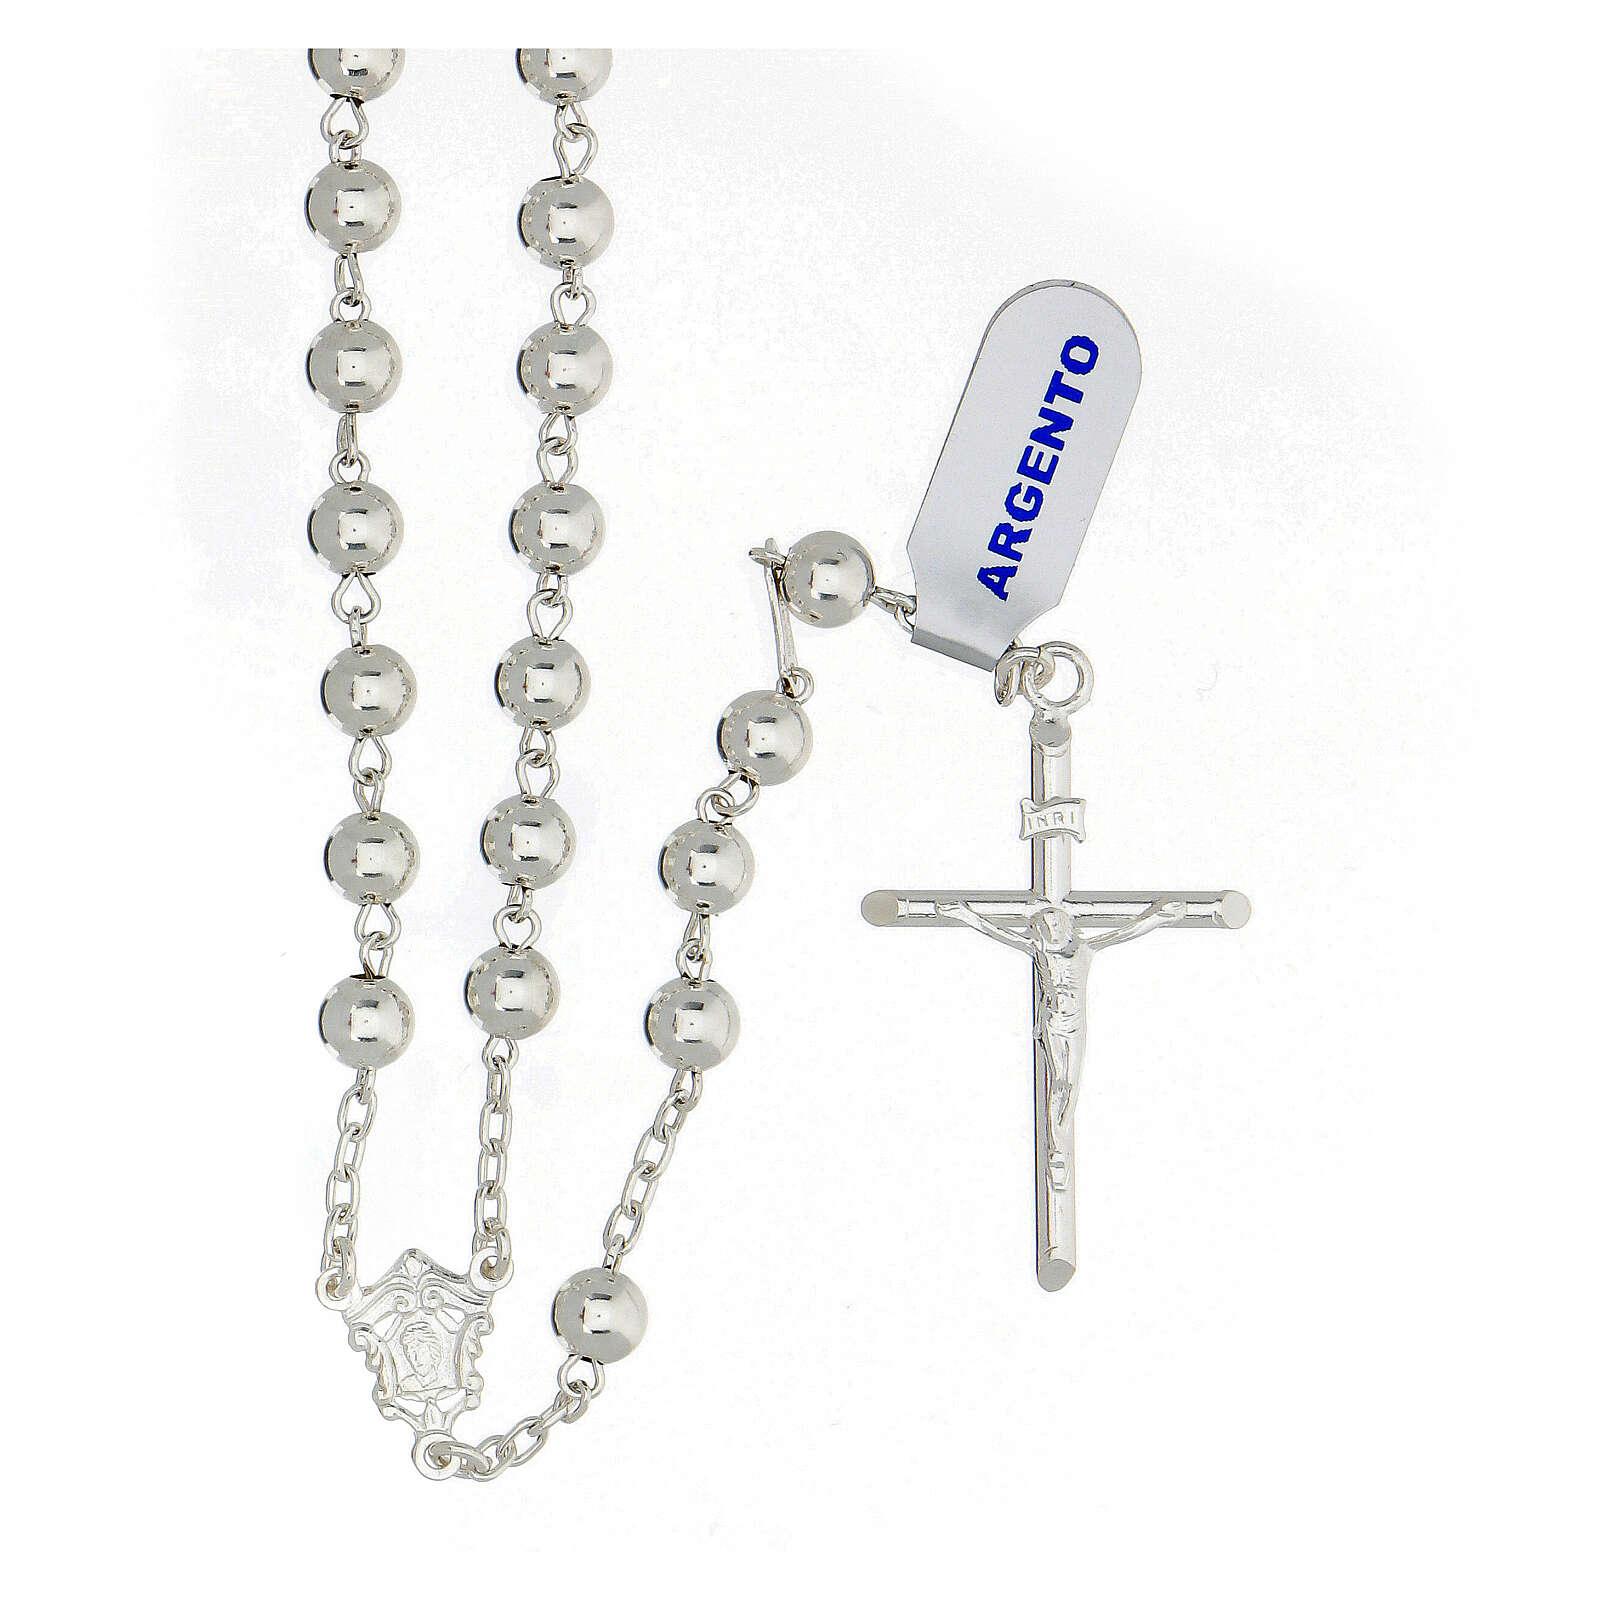 Chapelet croix tubulaire argent 925 grains 6 mm 4